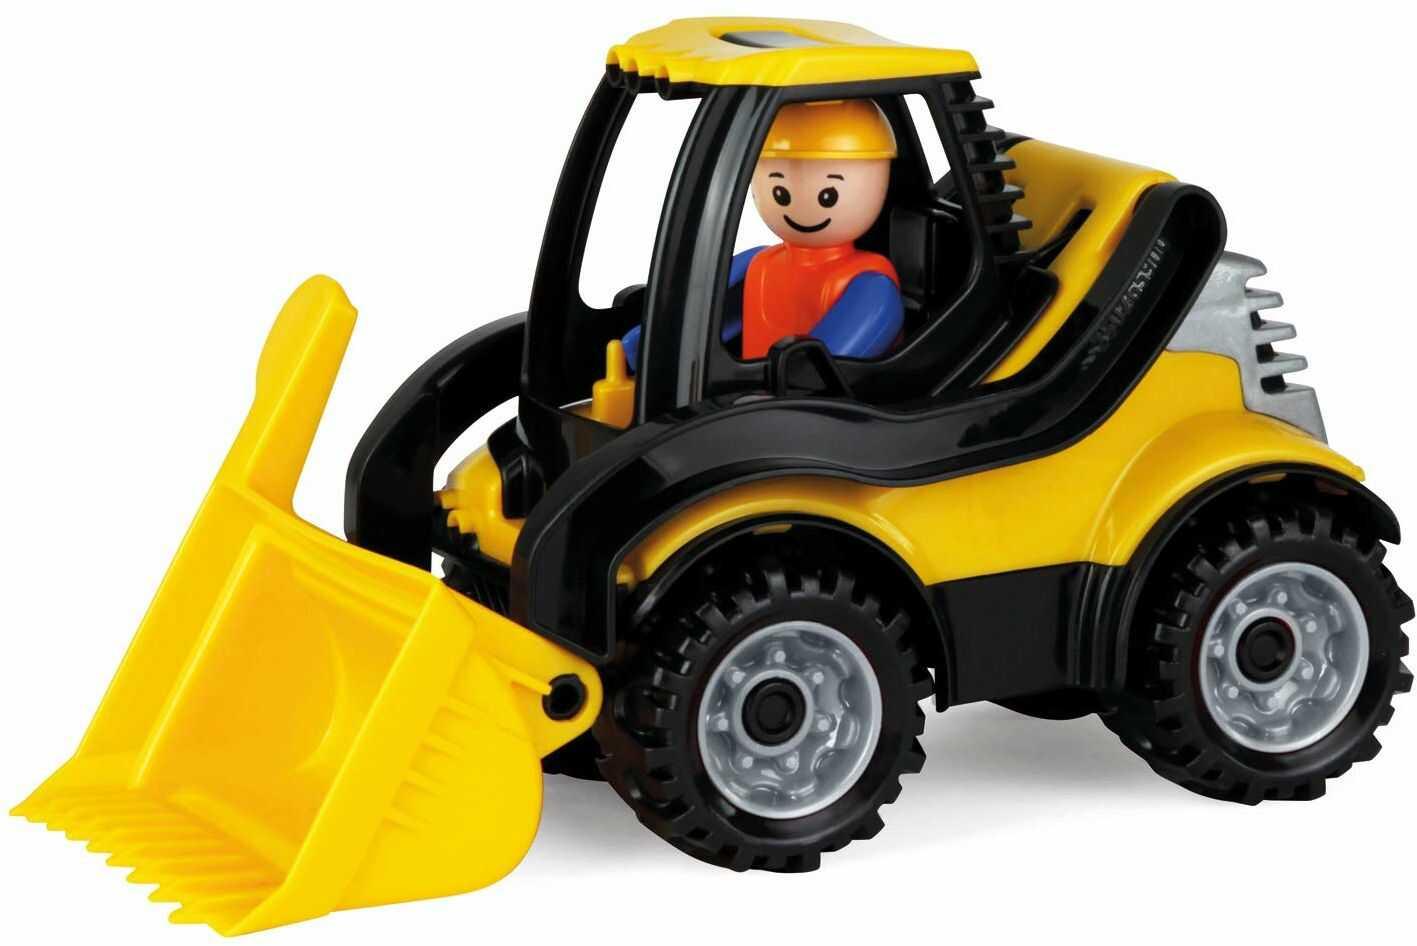 Lena 01622 Truckies ładowarka, stabilny pojazd na plac budowy ok. 22 cm, mała zabawka, ładowarka koła dla dzieci od 2 lat, wytrzymała zabawka ładowarka do piaskownicy, na plażę i do pokoju dziecięcego